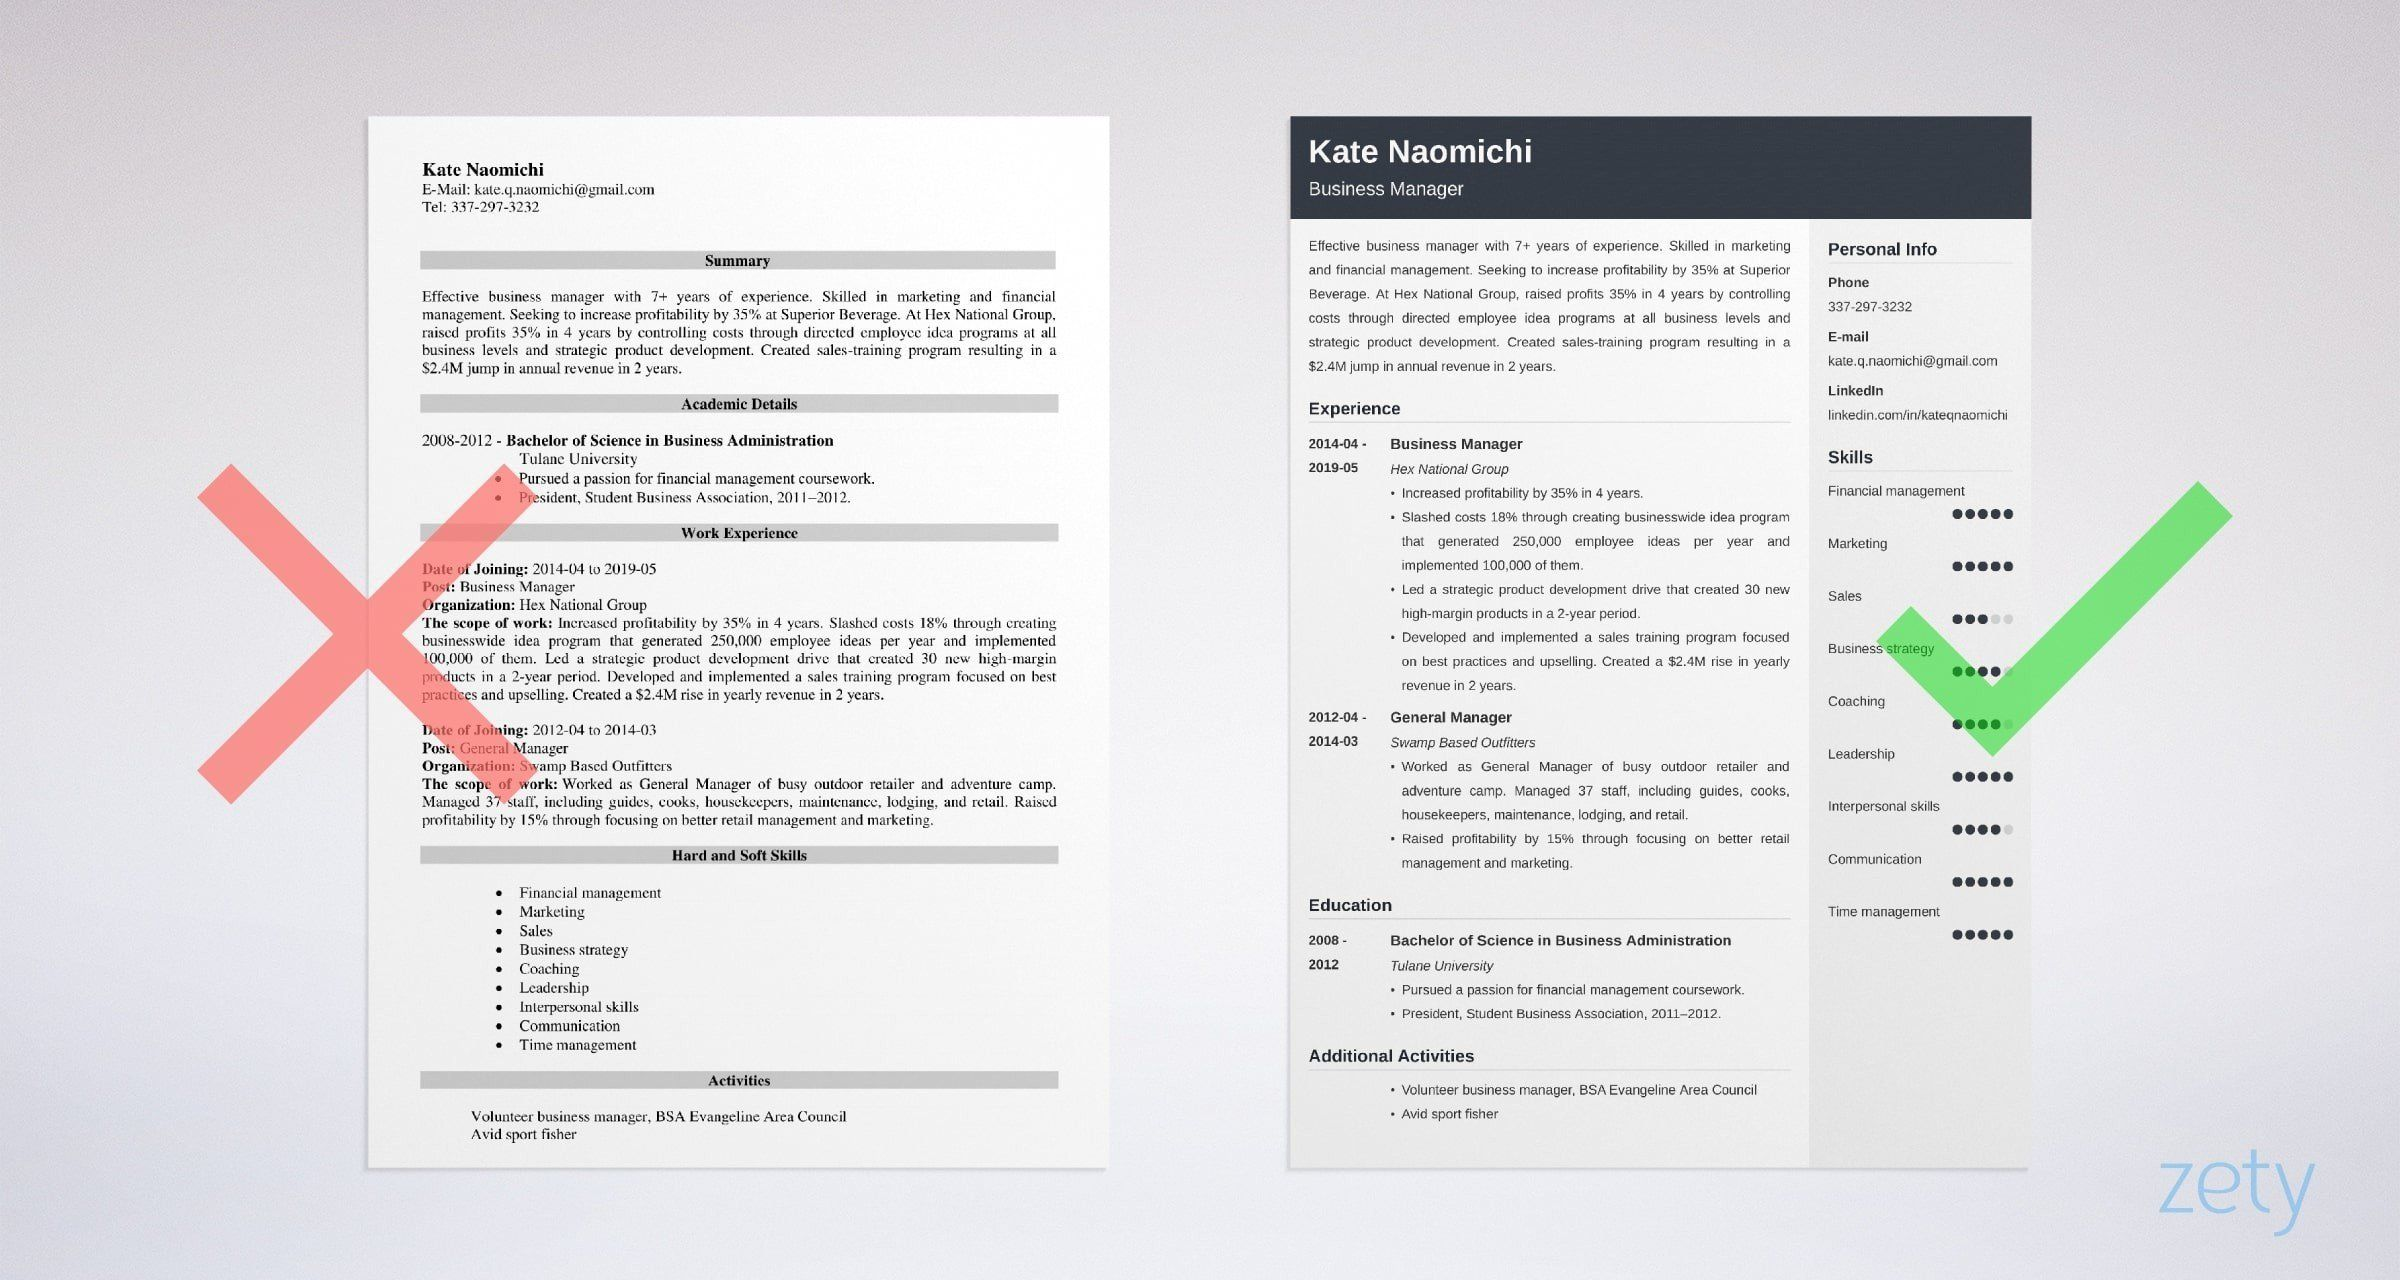 Business manager resume sample skills job description